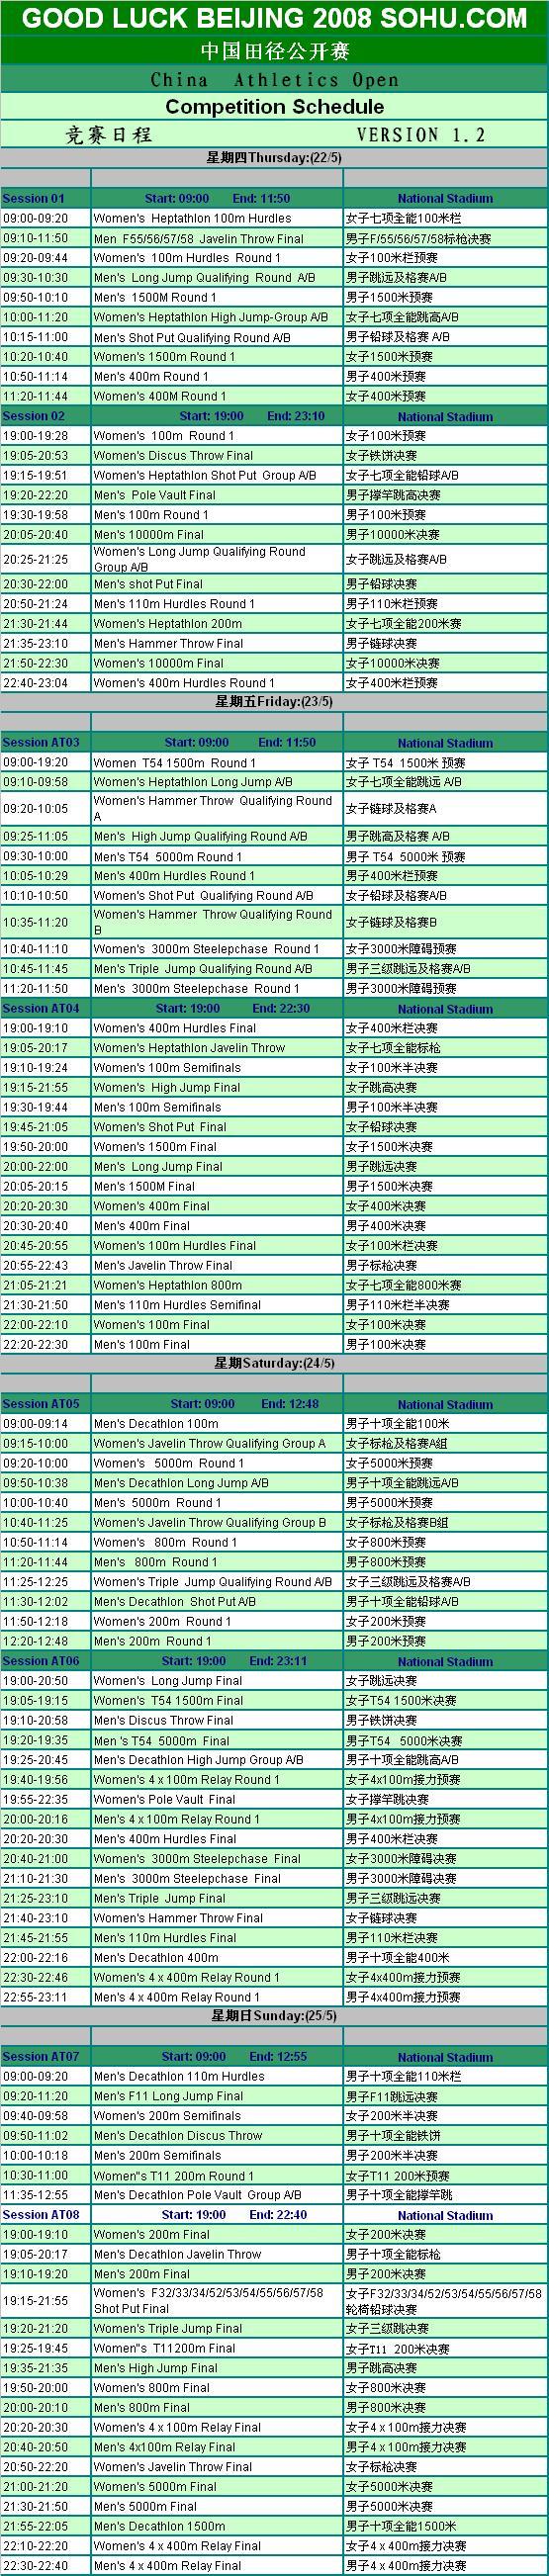 """【信息】""""好运北京""""中国田径公开赛 竞赛日程 - 名将之约 - 名将之约的体育(田径)教练博客"""